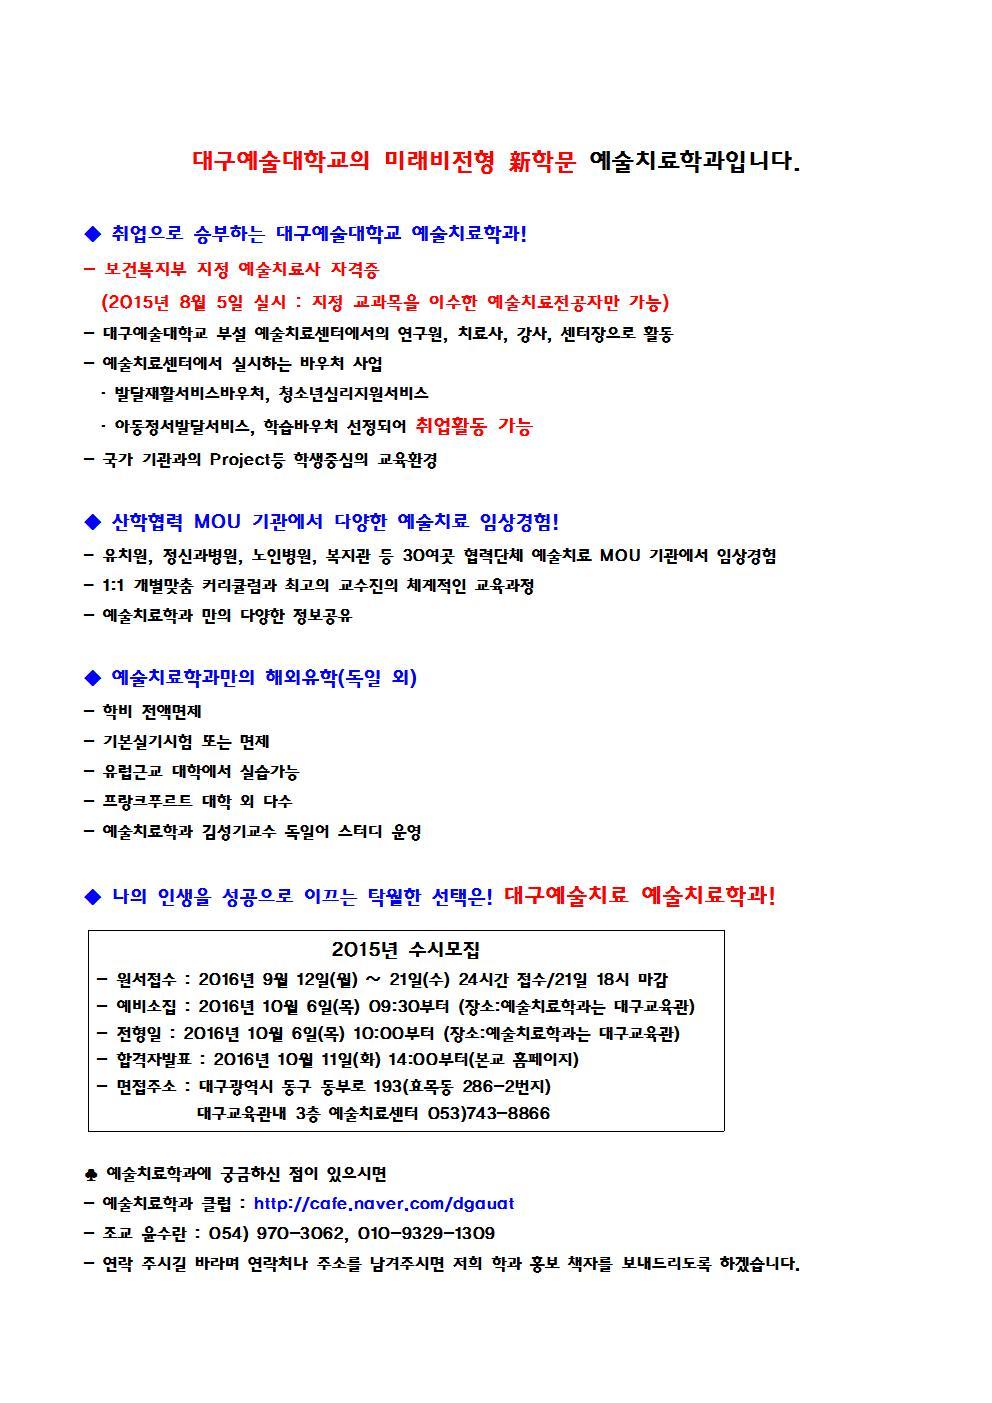 [일반] 예술치료학과 수시 모집 안내의 첨부이미지 1